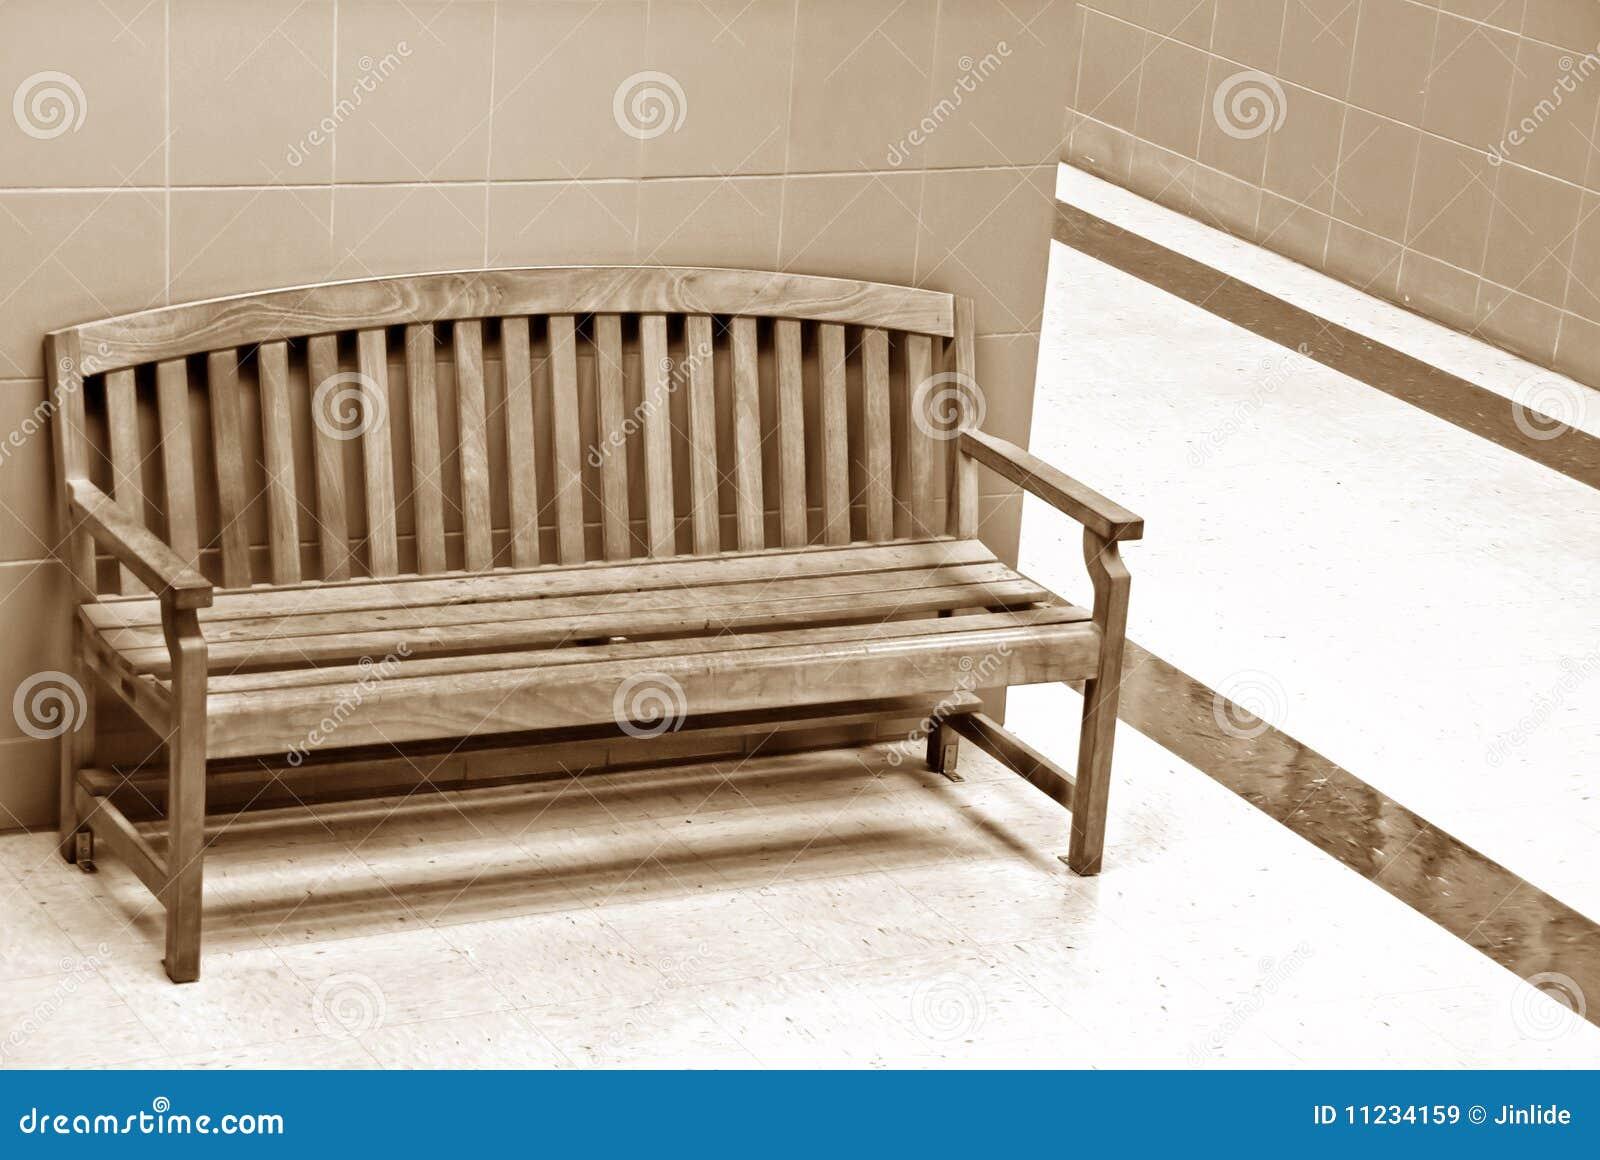 Drewniany krzesło korytarz